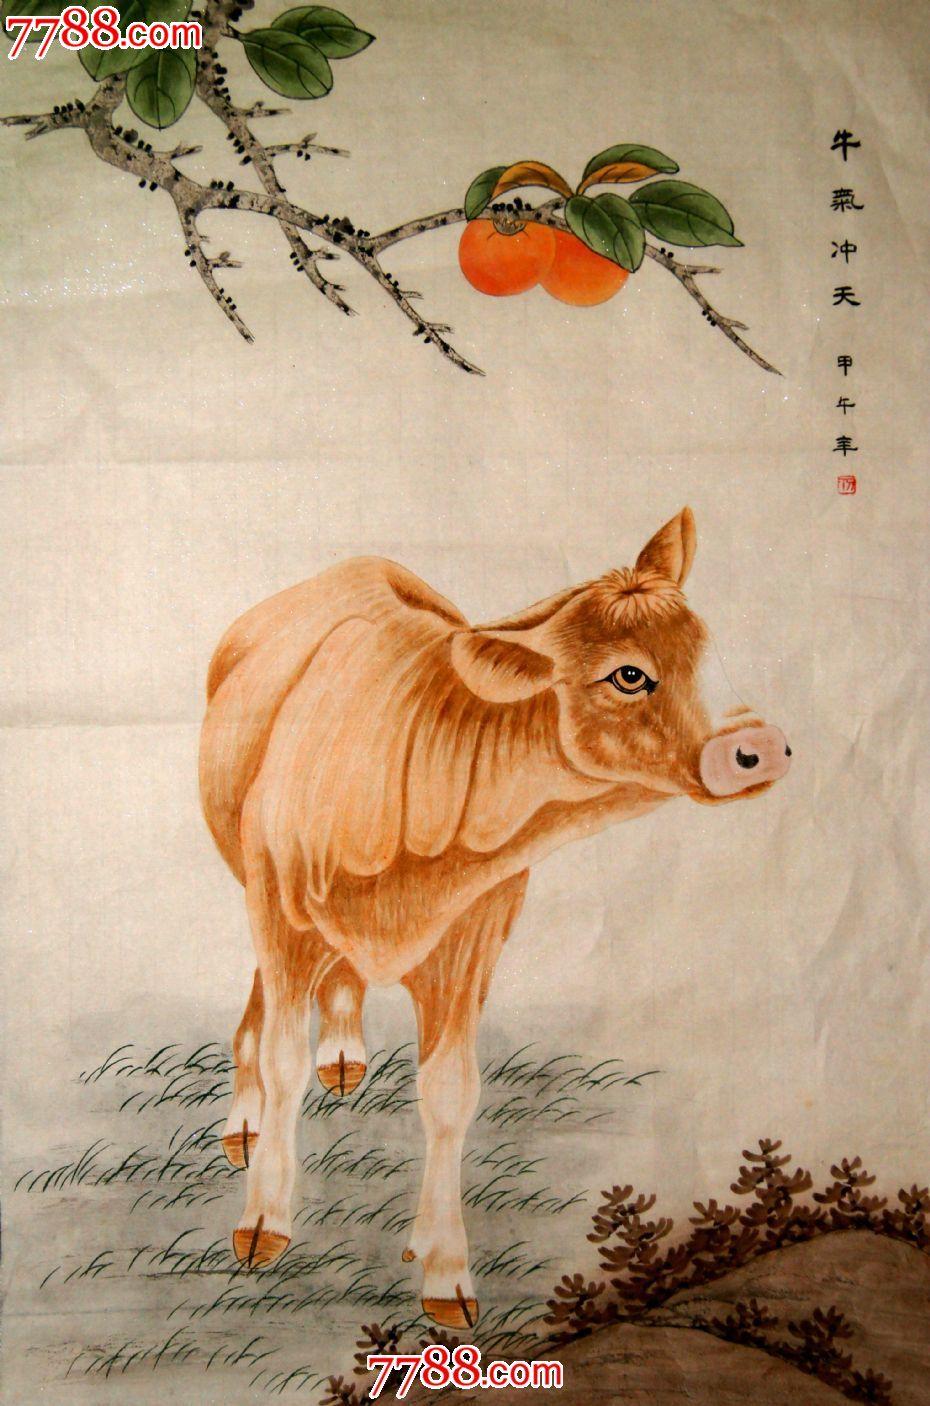 松生纯手绘工笔牛《牛气冲天》图片